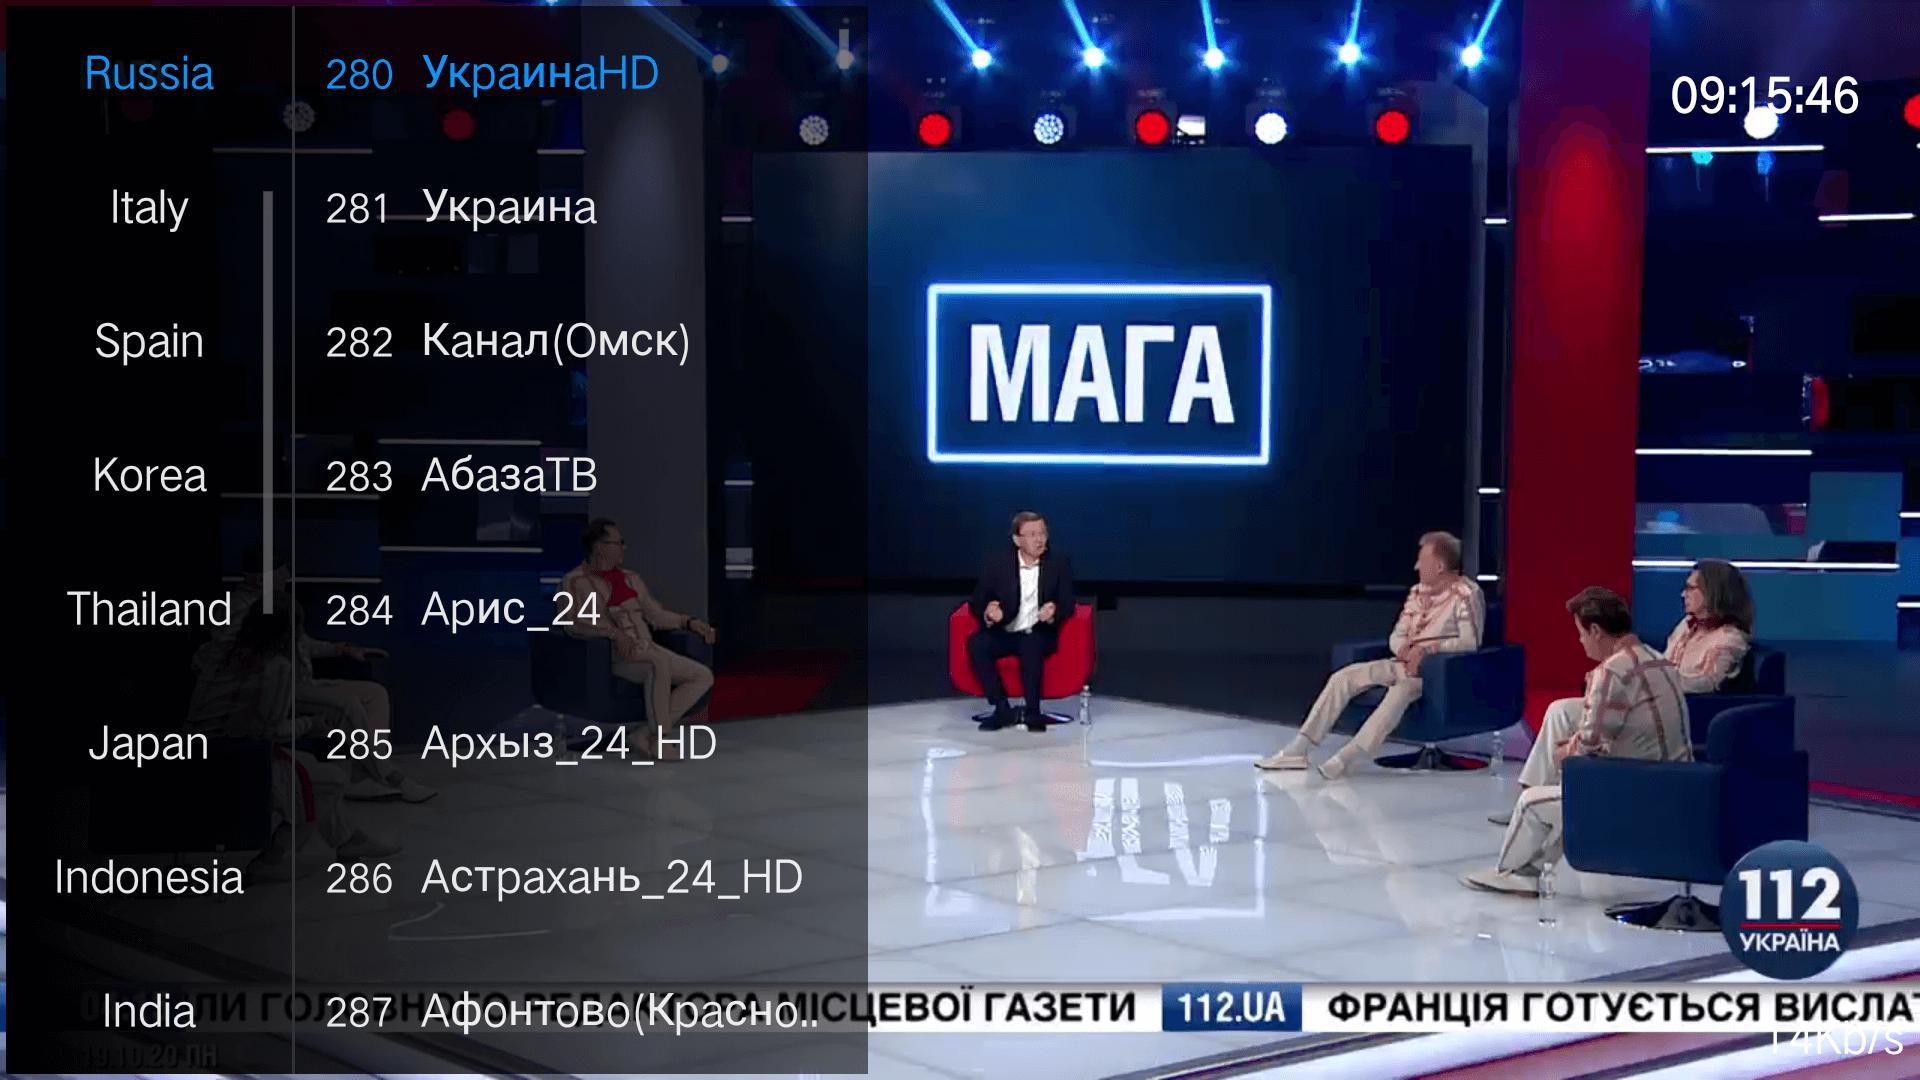 Российское IPTV в прямом эфире